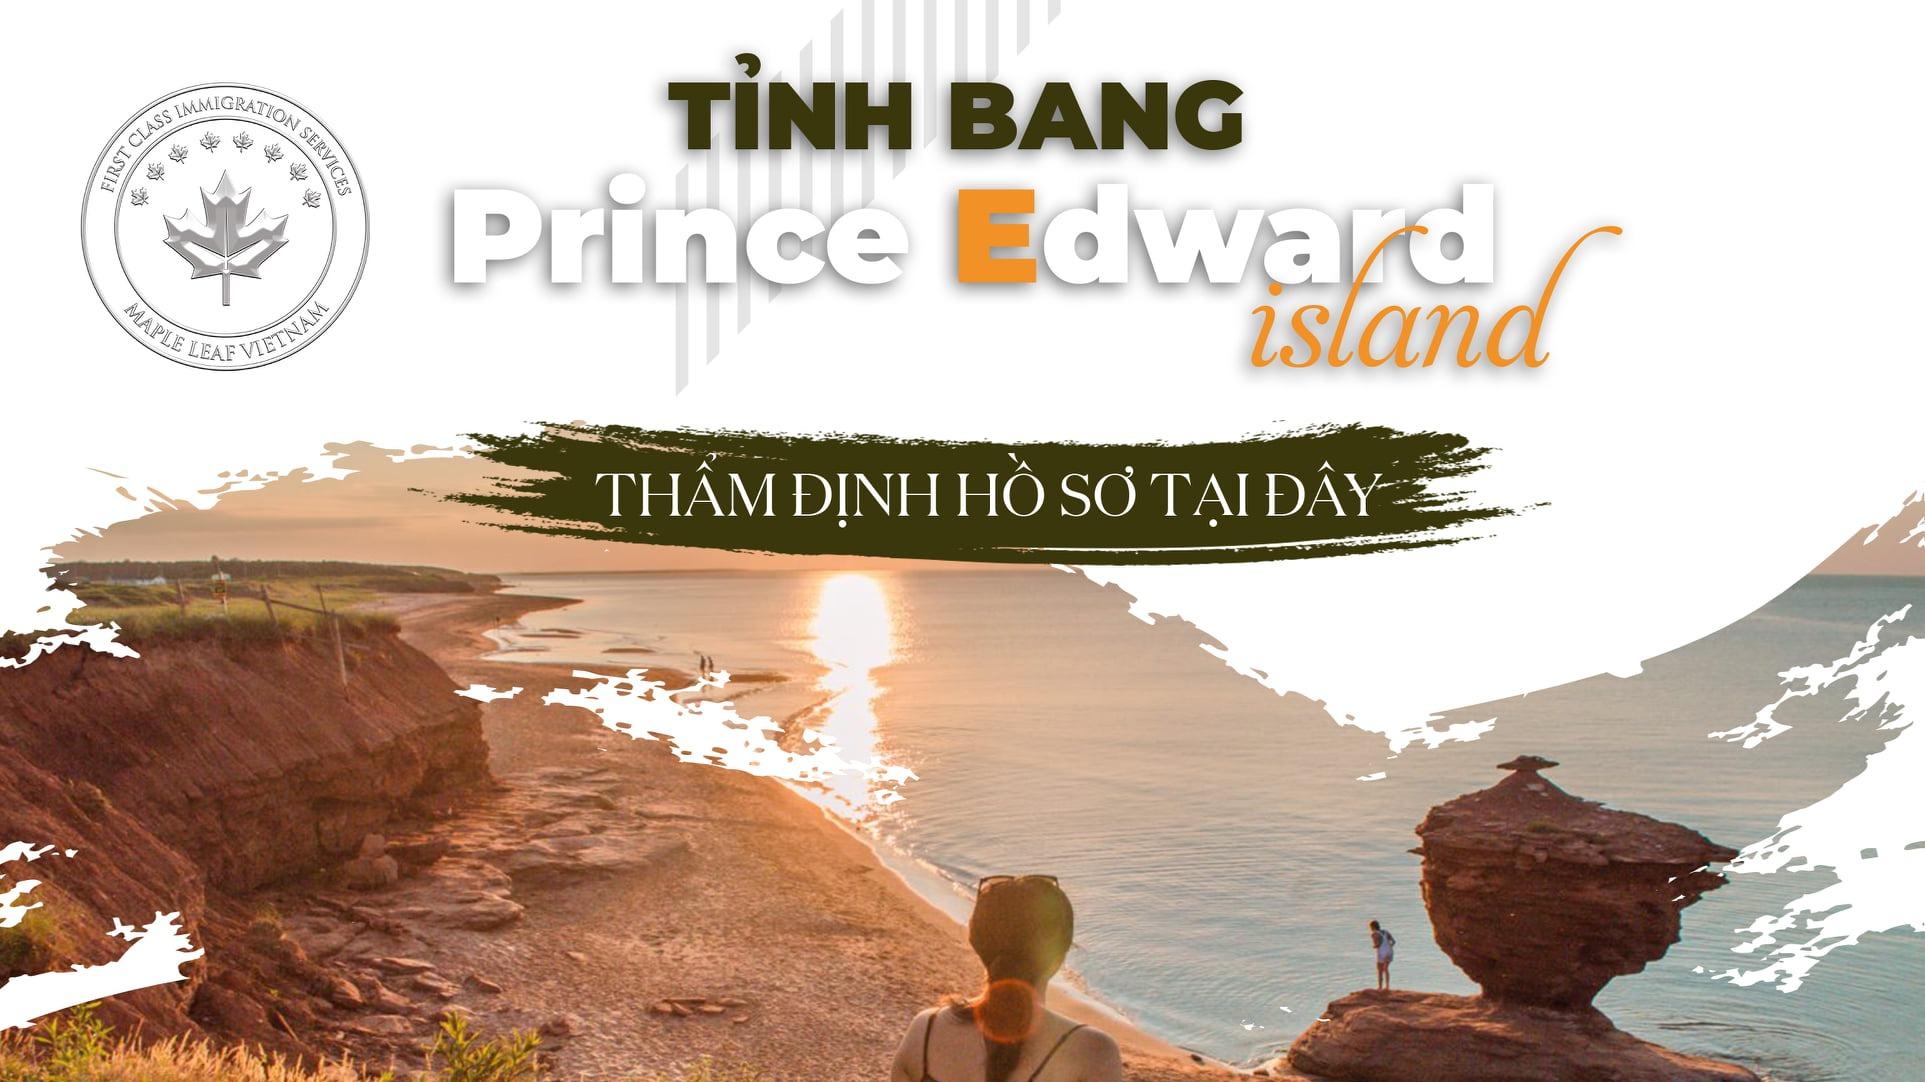 dinh-cu-tinh-bang-pei-dien-doanh-nhan-hau-covid-19